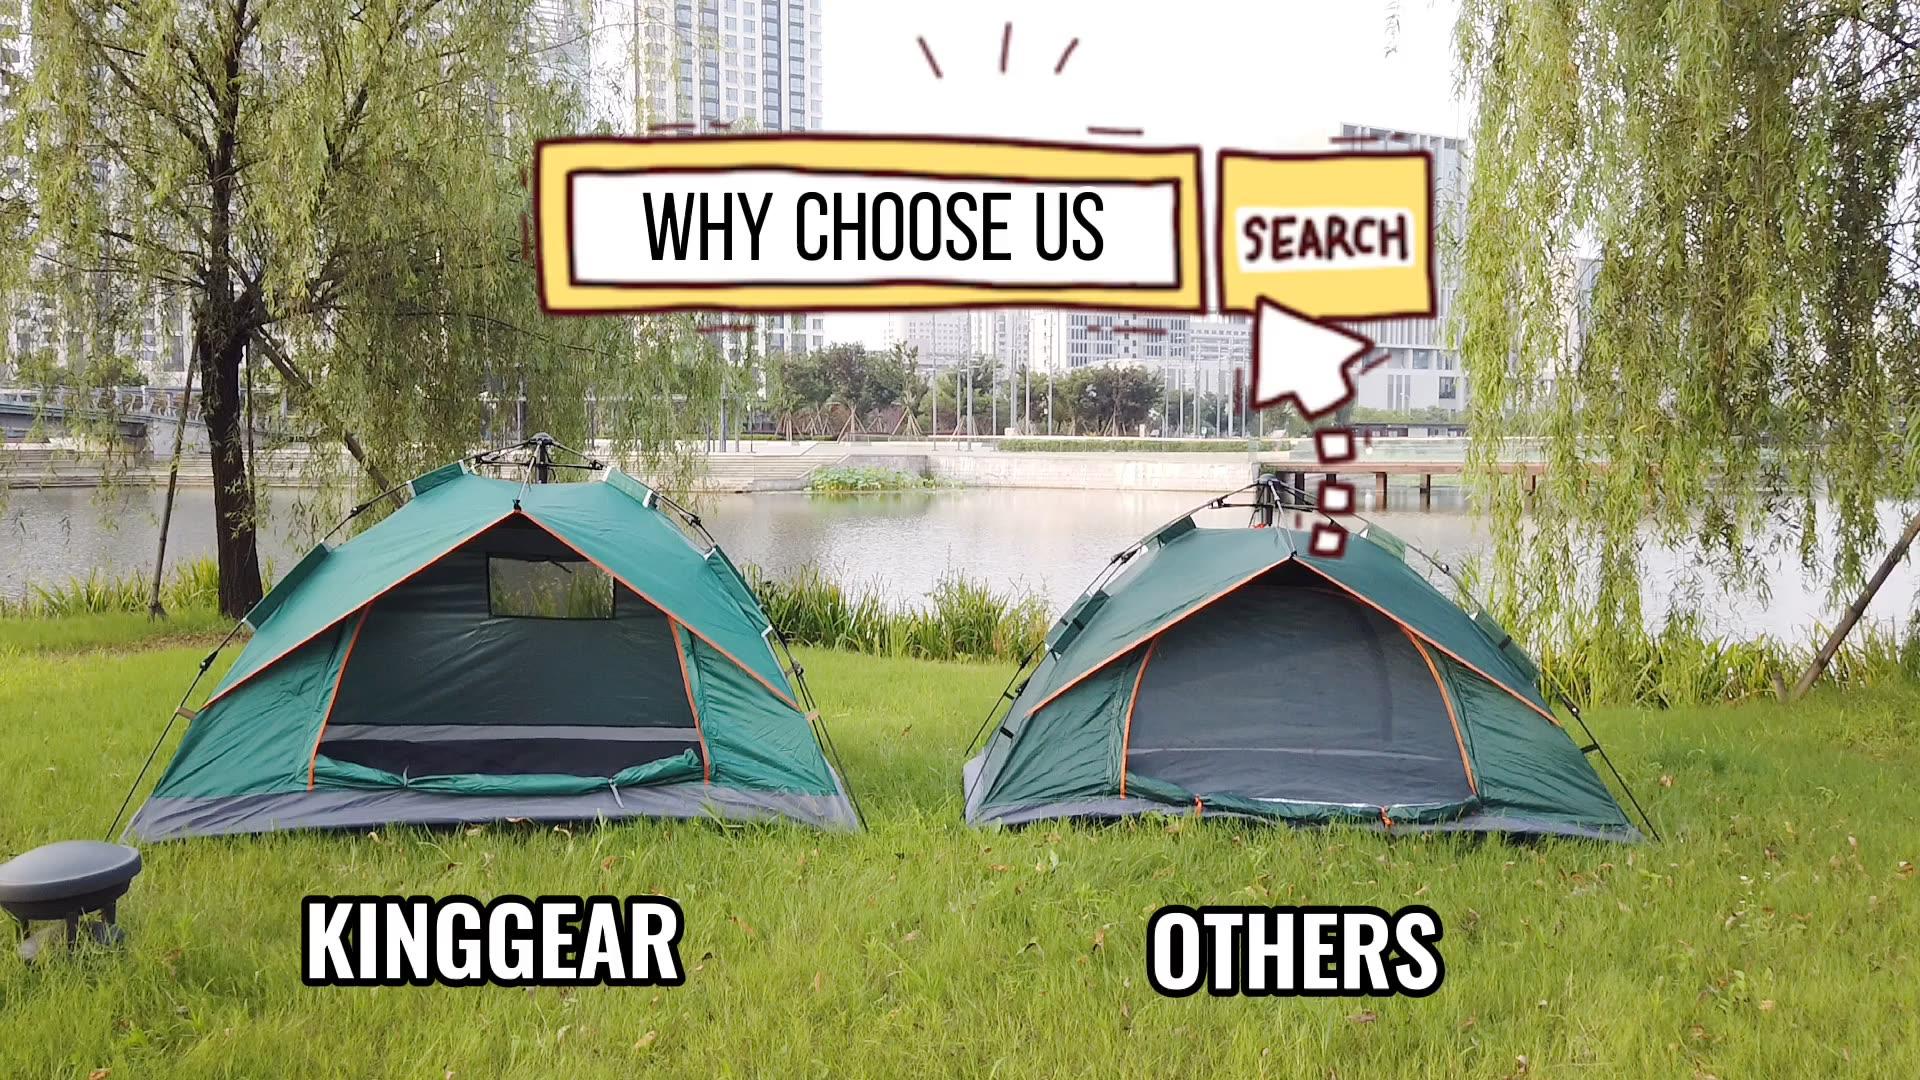 Tienda de campaña instantánea KingGear para exteriores, resistente al agua, para 1-2 personas, senderismo, militar, playa, plegable, automática